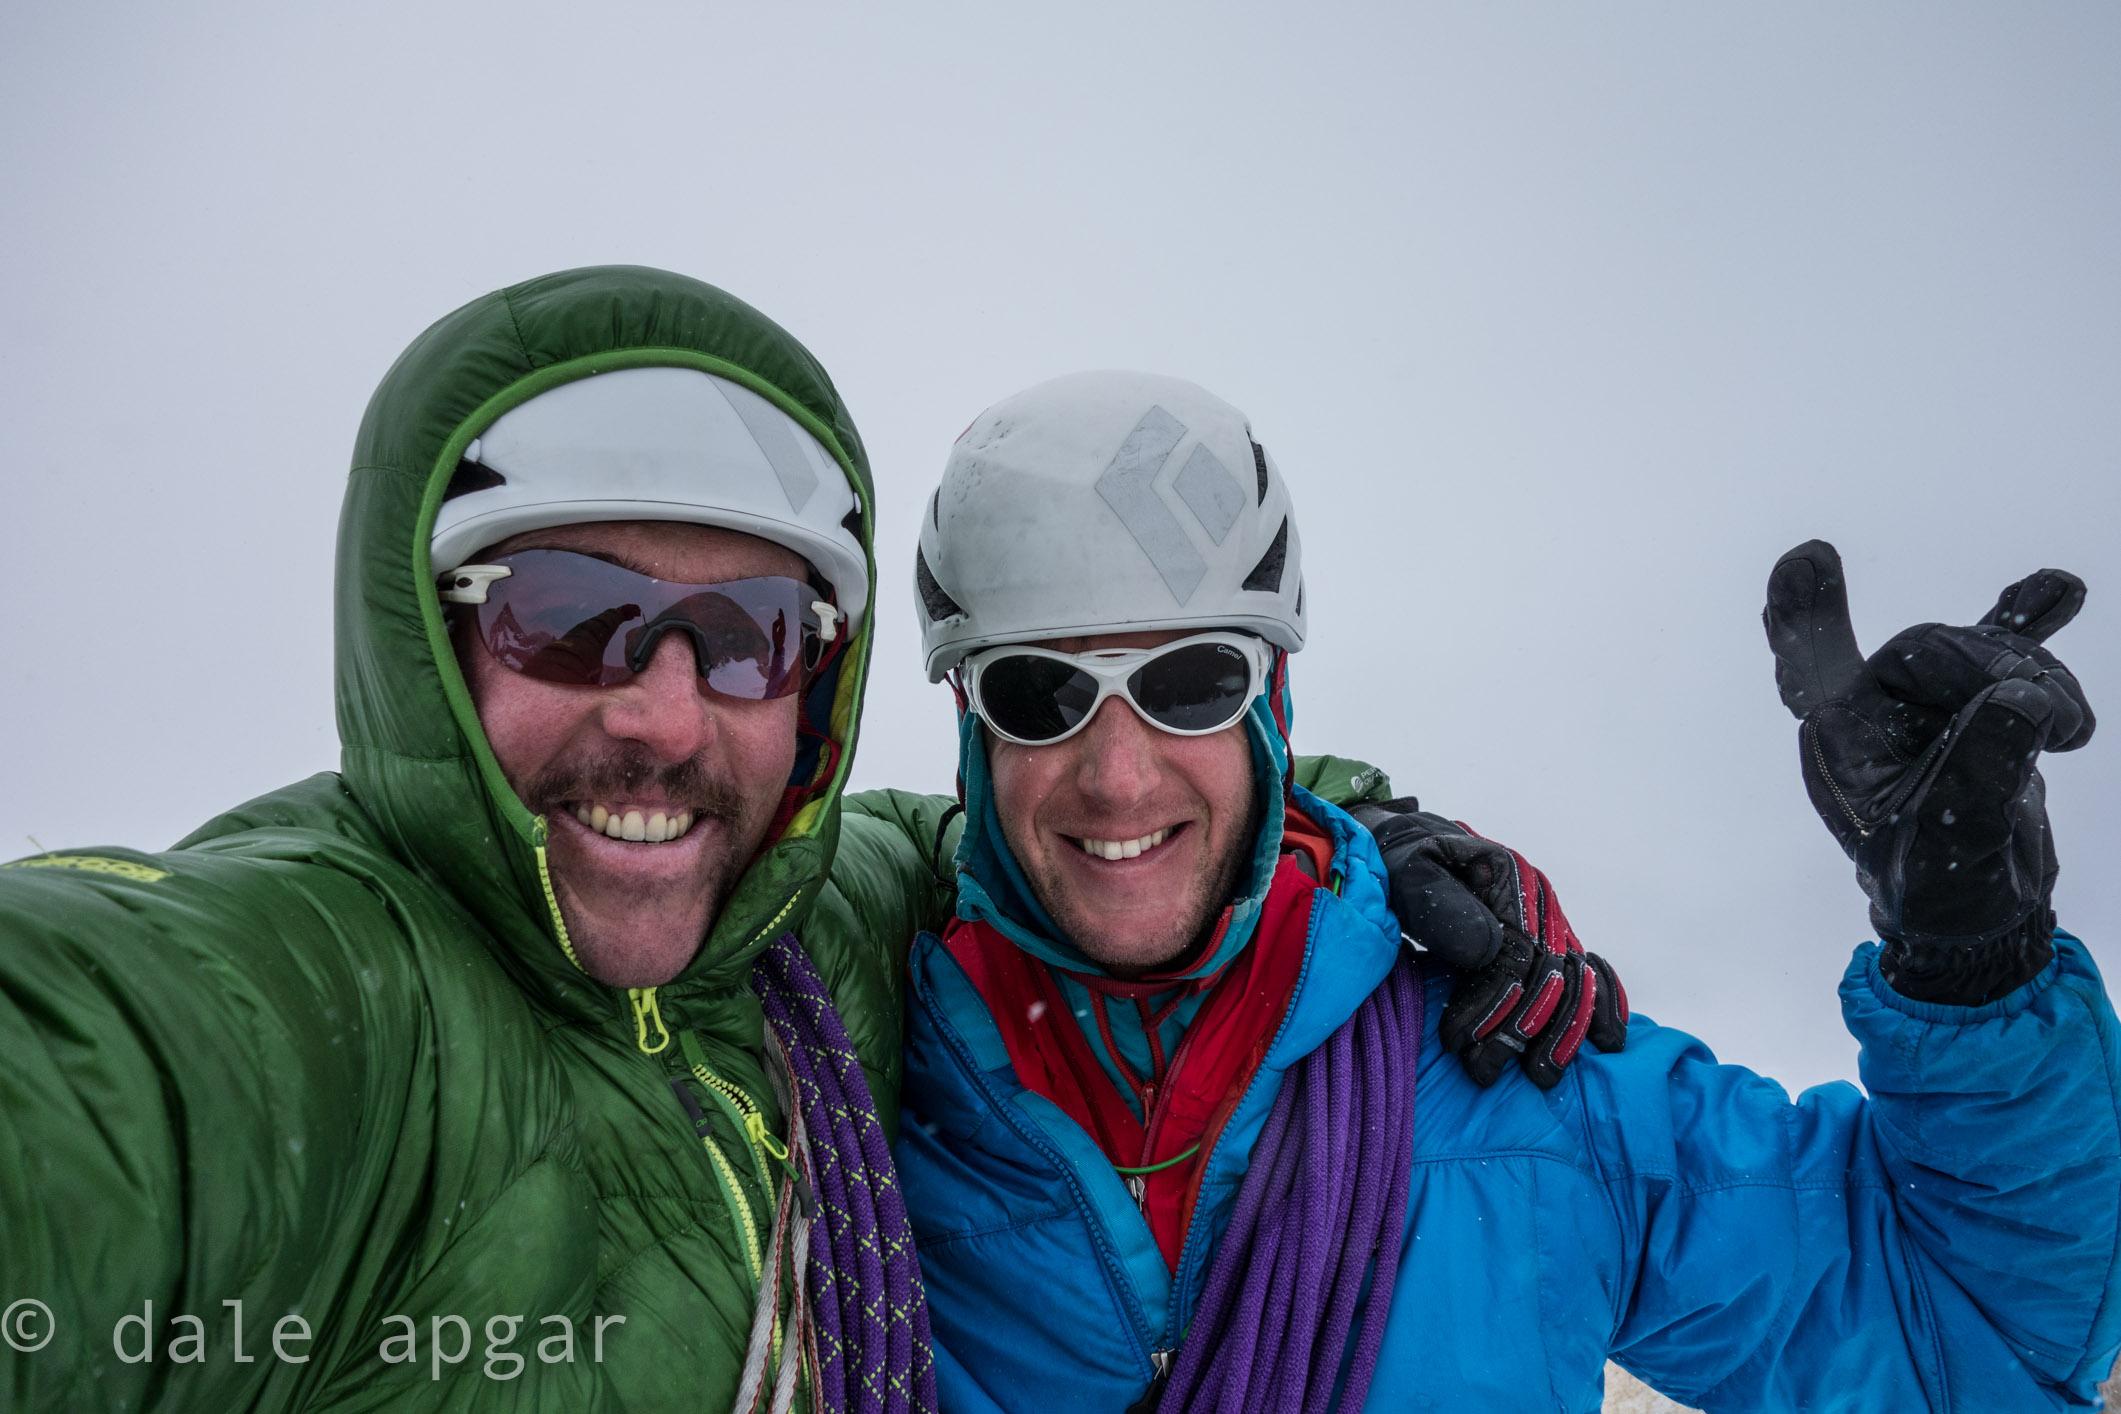 Celebrating a cumbre atop Aguja Guillamet